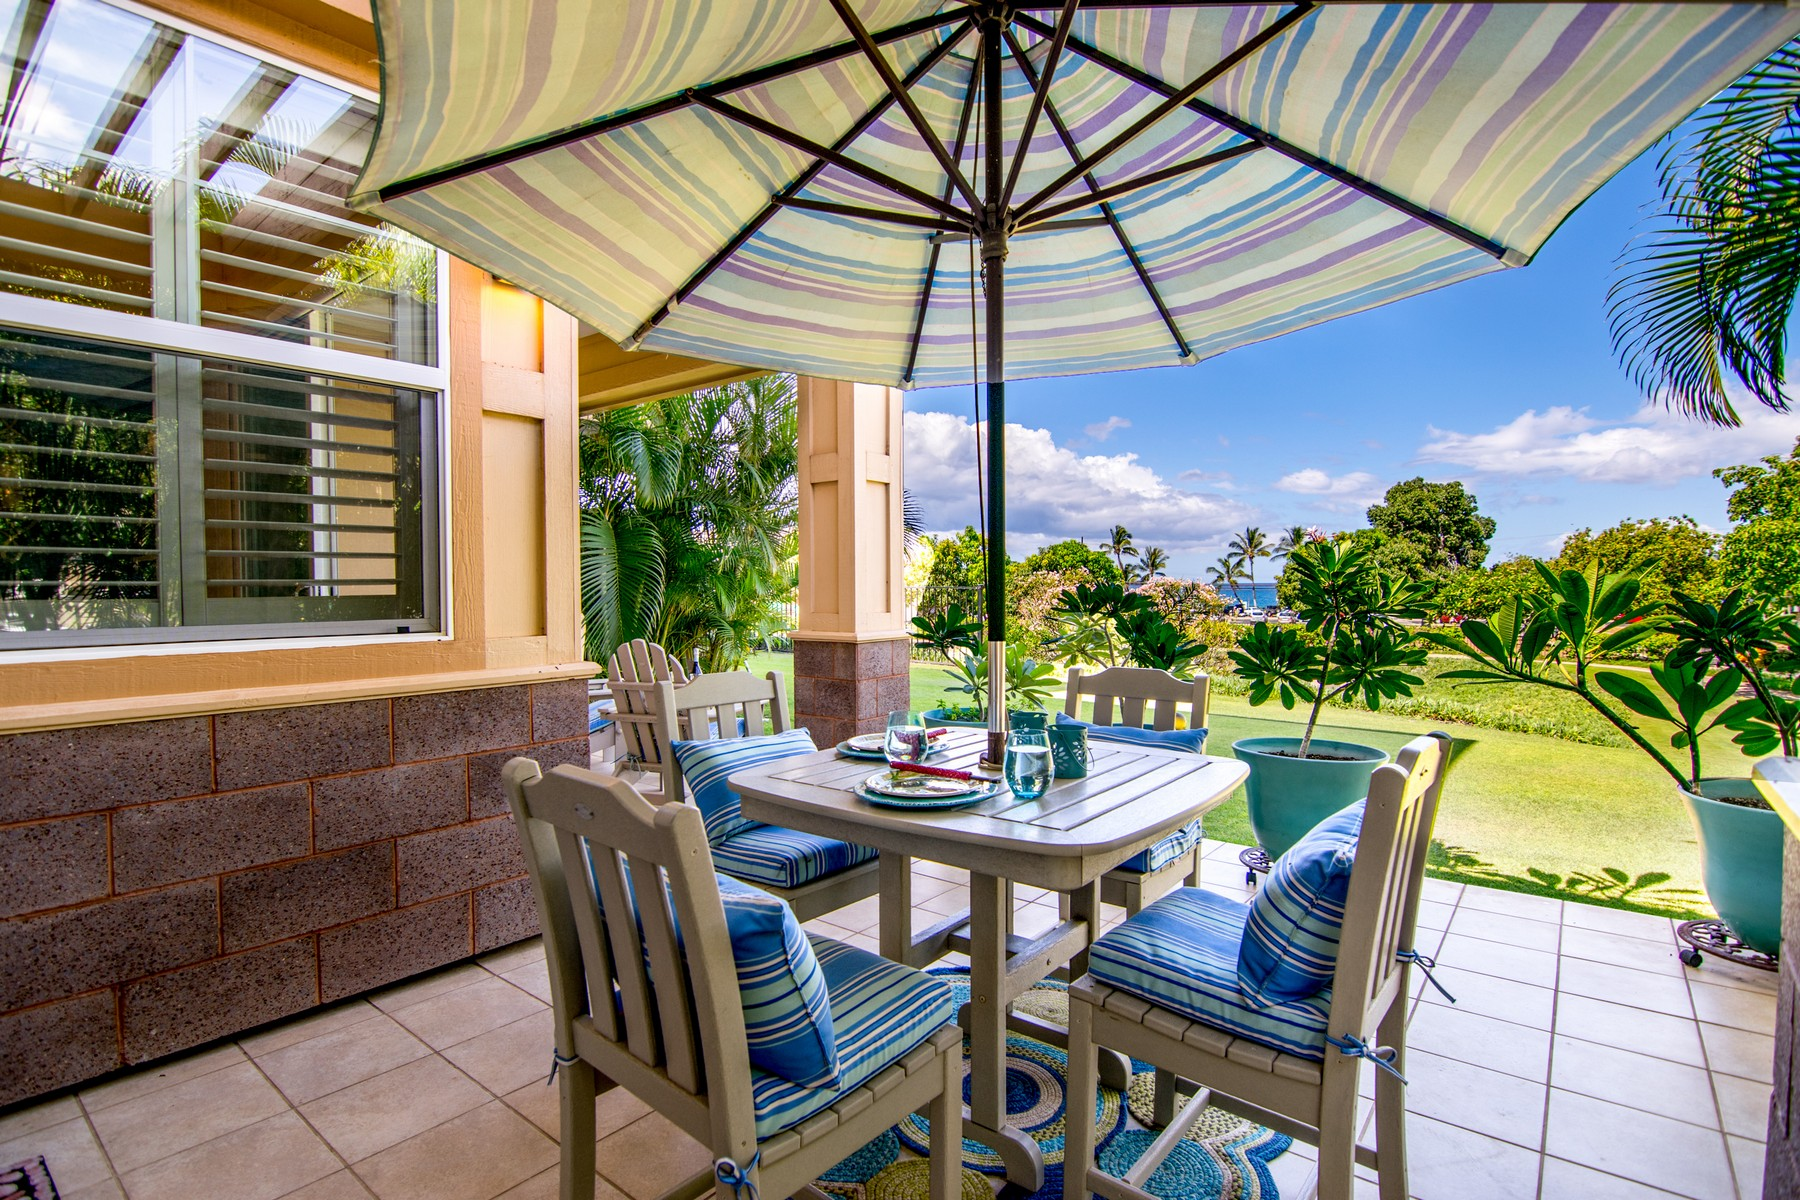 Кондоминиум для того Продажа на Live The Island Life 4 Leanihi Lane, Ke Alii Ocean Villas A105 Kihei, Гавайи, 96753 Соединенные Штаты